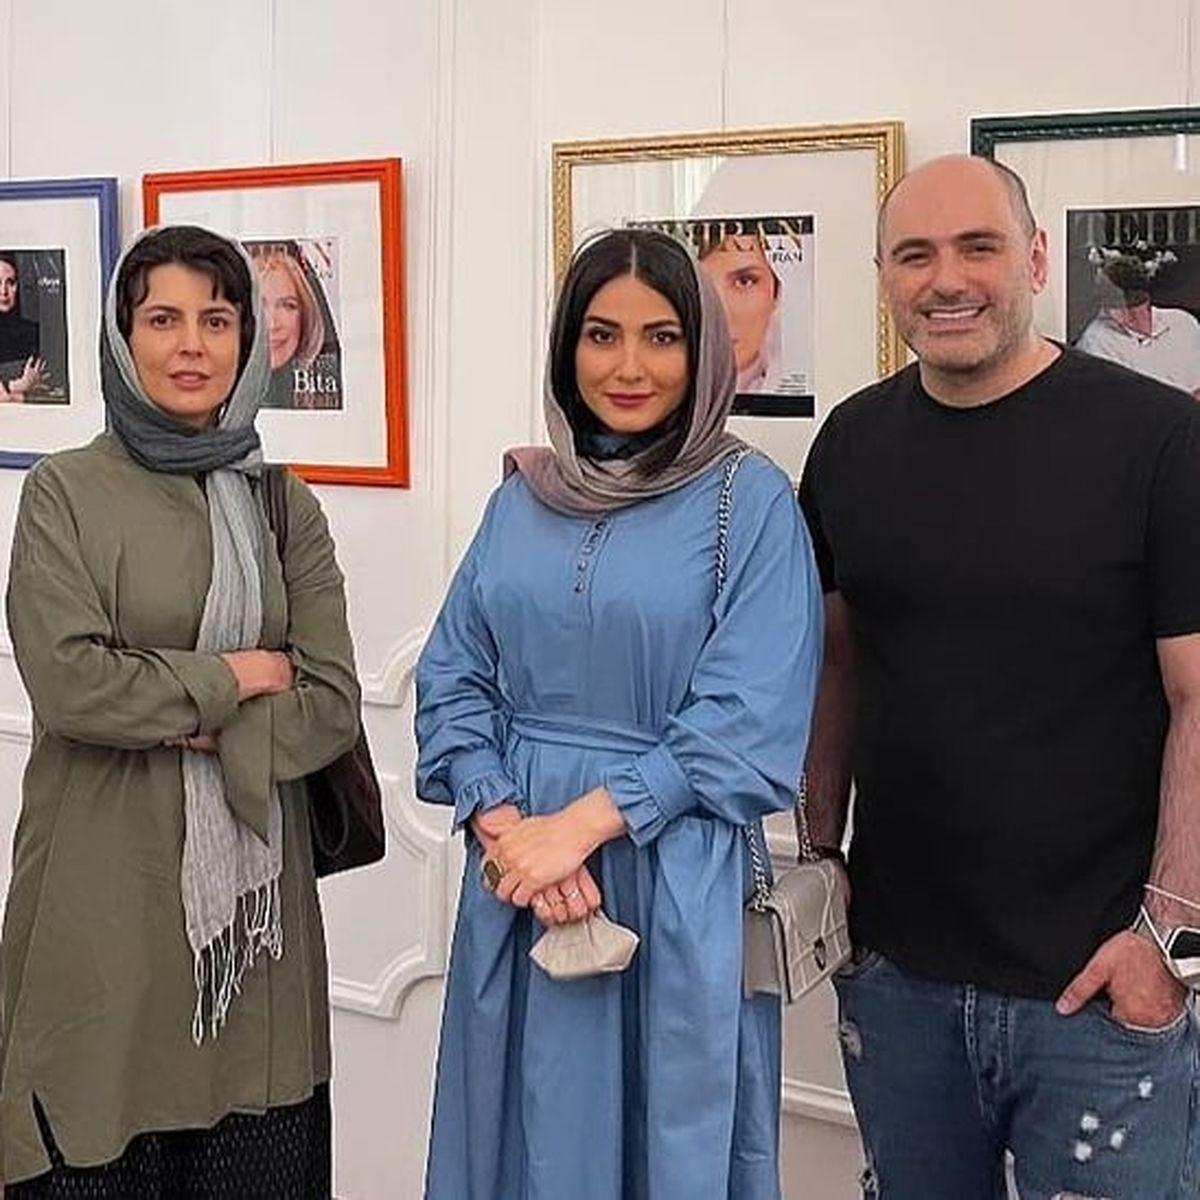 تیپ و چهره ساده لیلا حاتمی در یک گالری + عکس